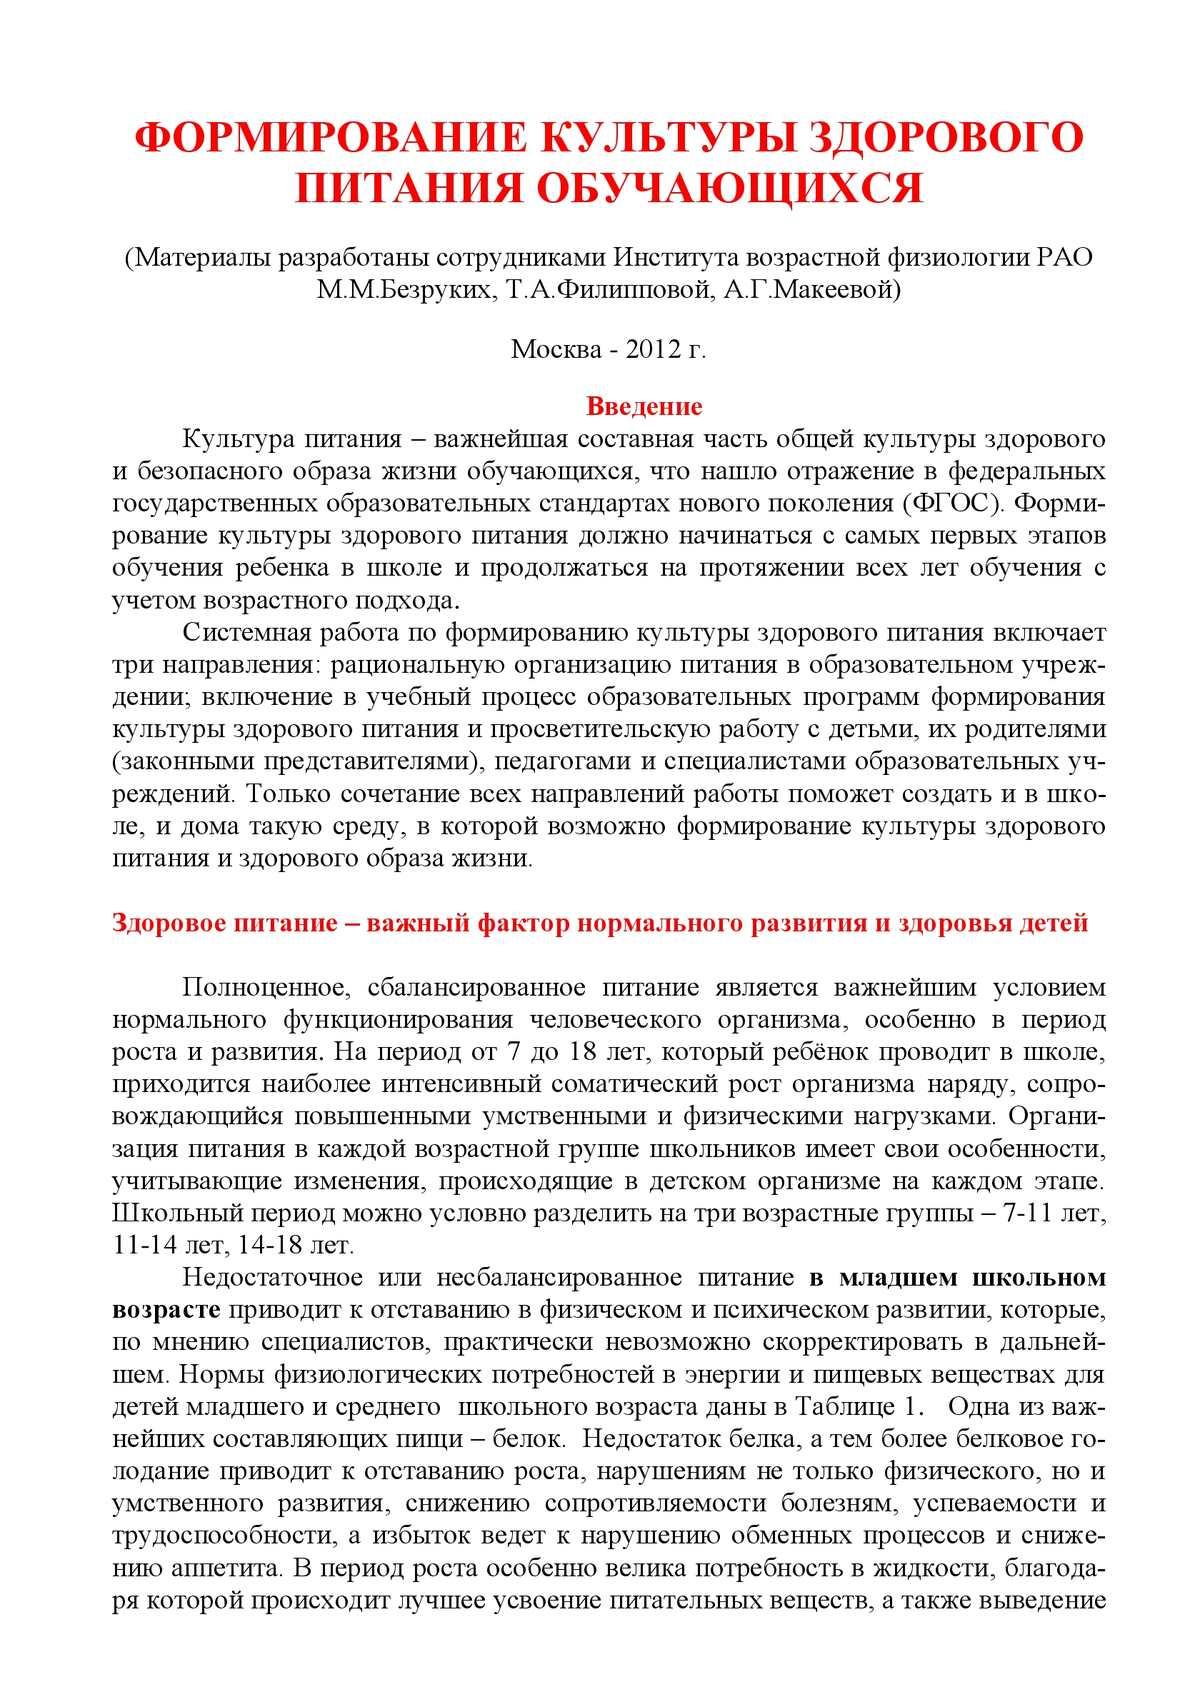 Возвращение соотечественников в россию 2020 из украины